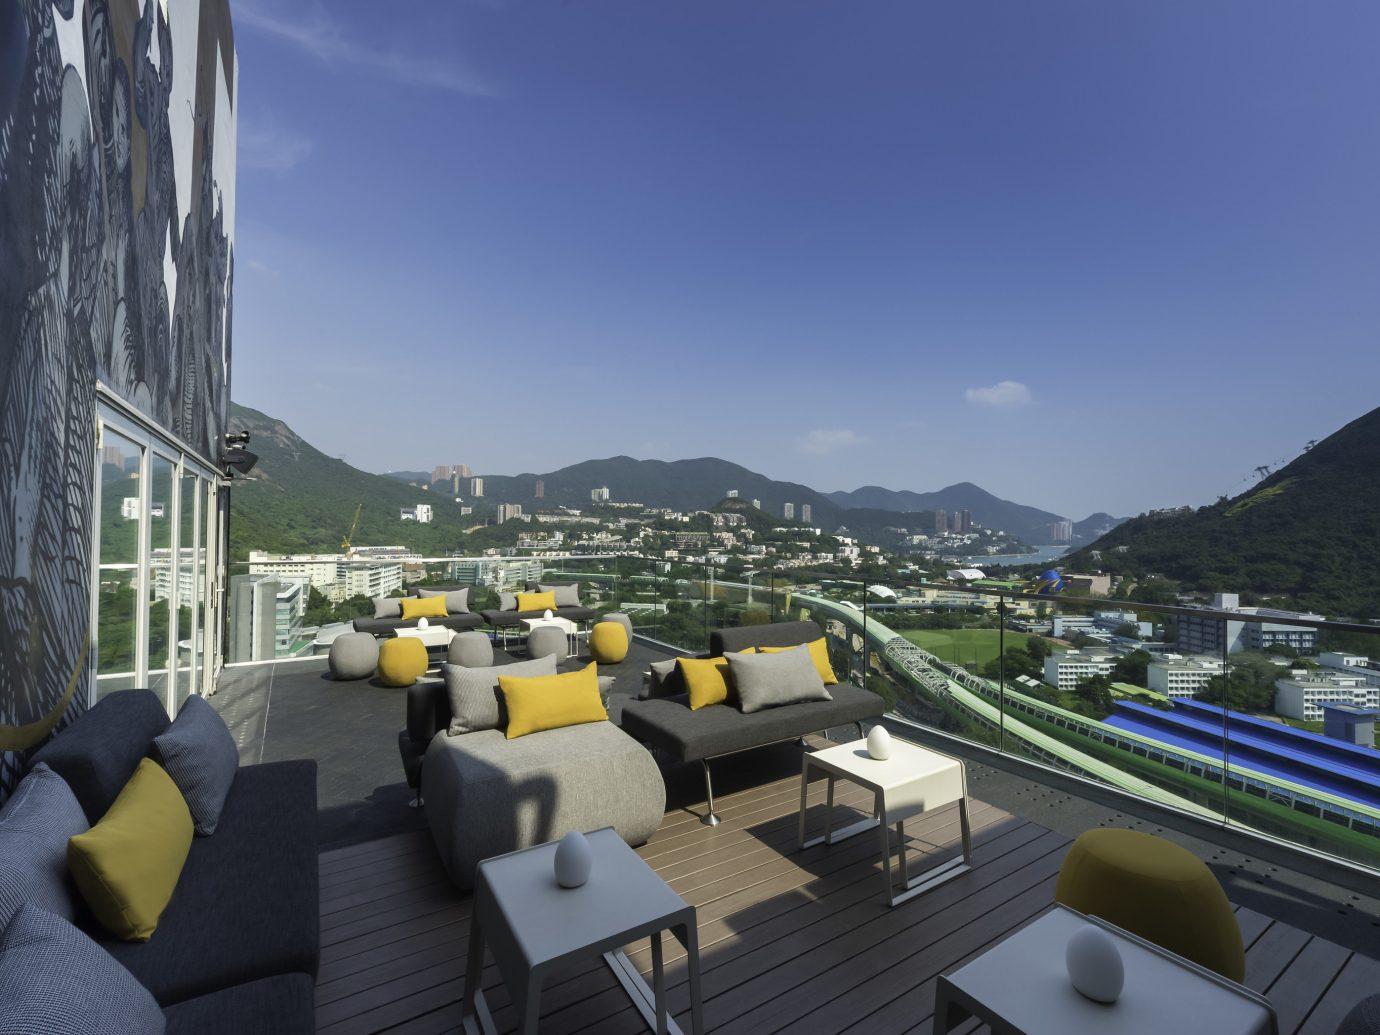 Hotels sky outdoor vacation vehicle marina Sea road